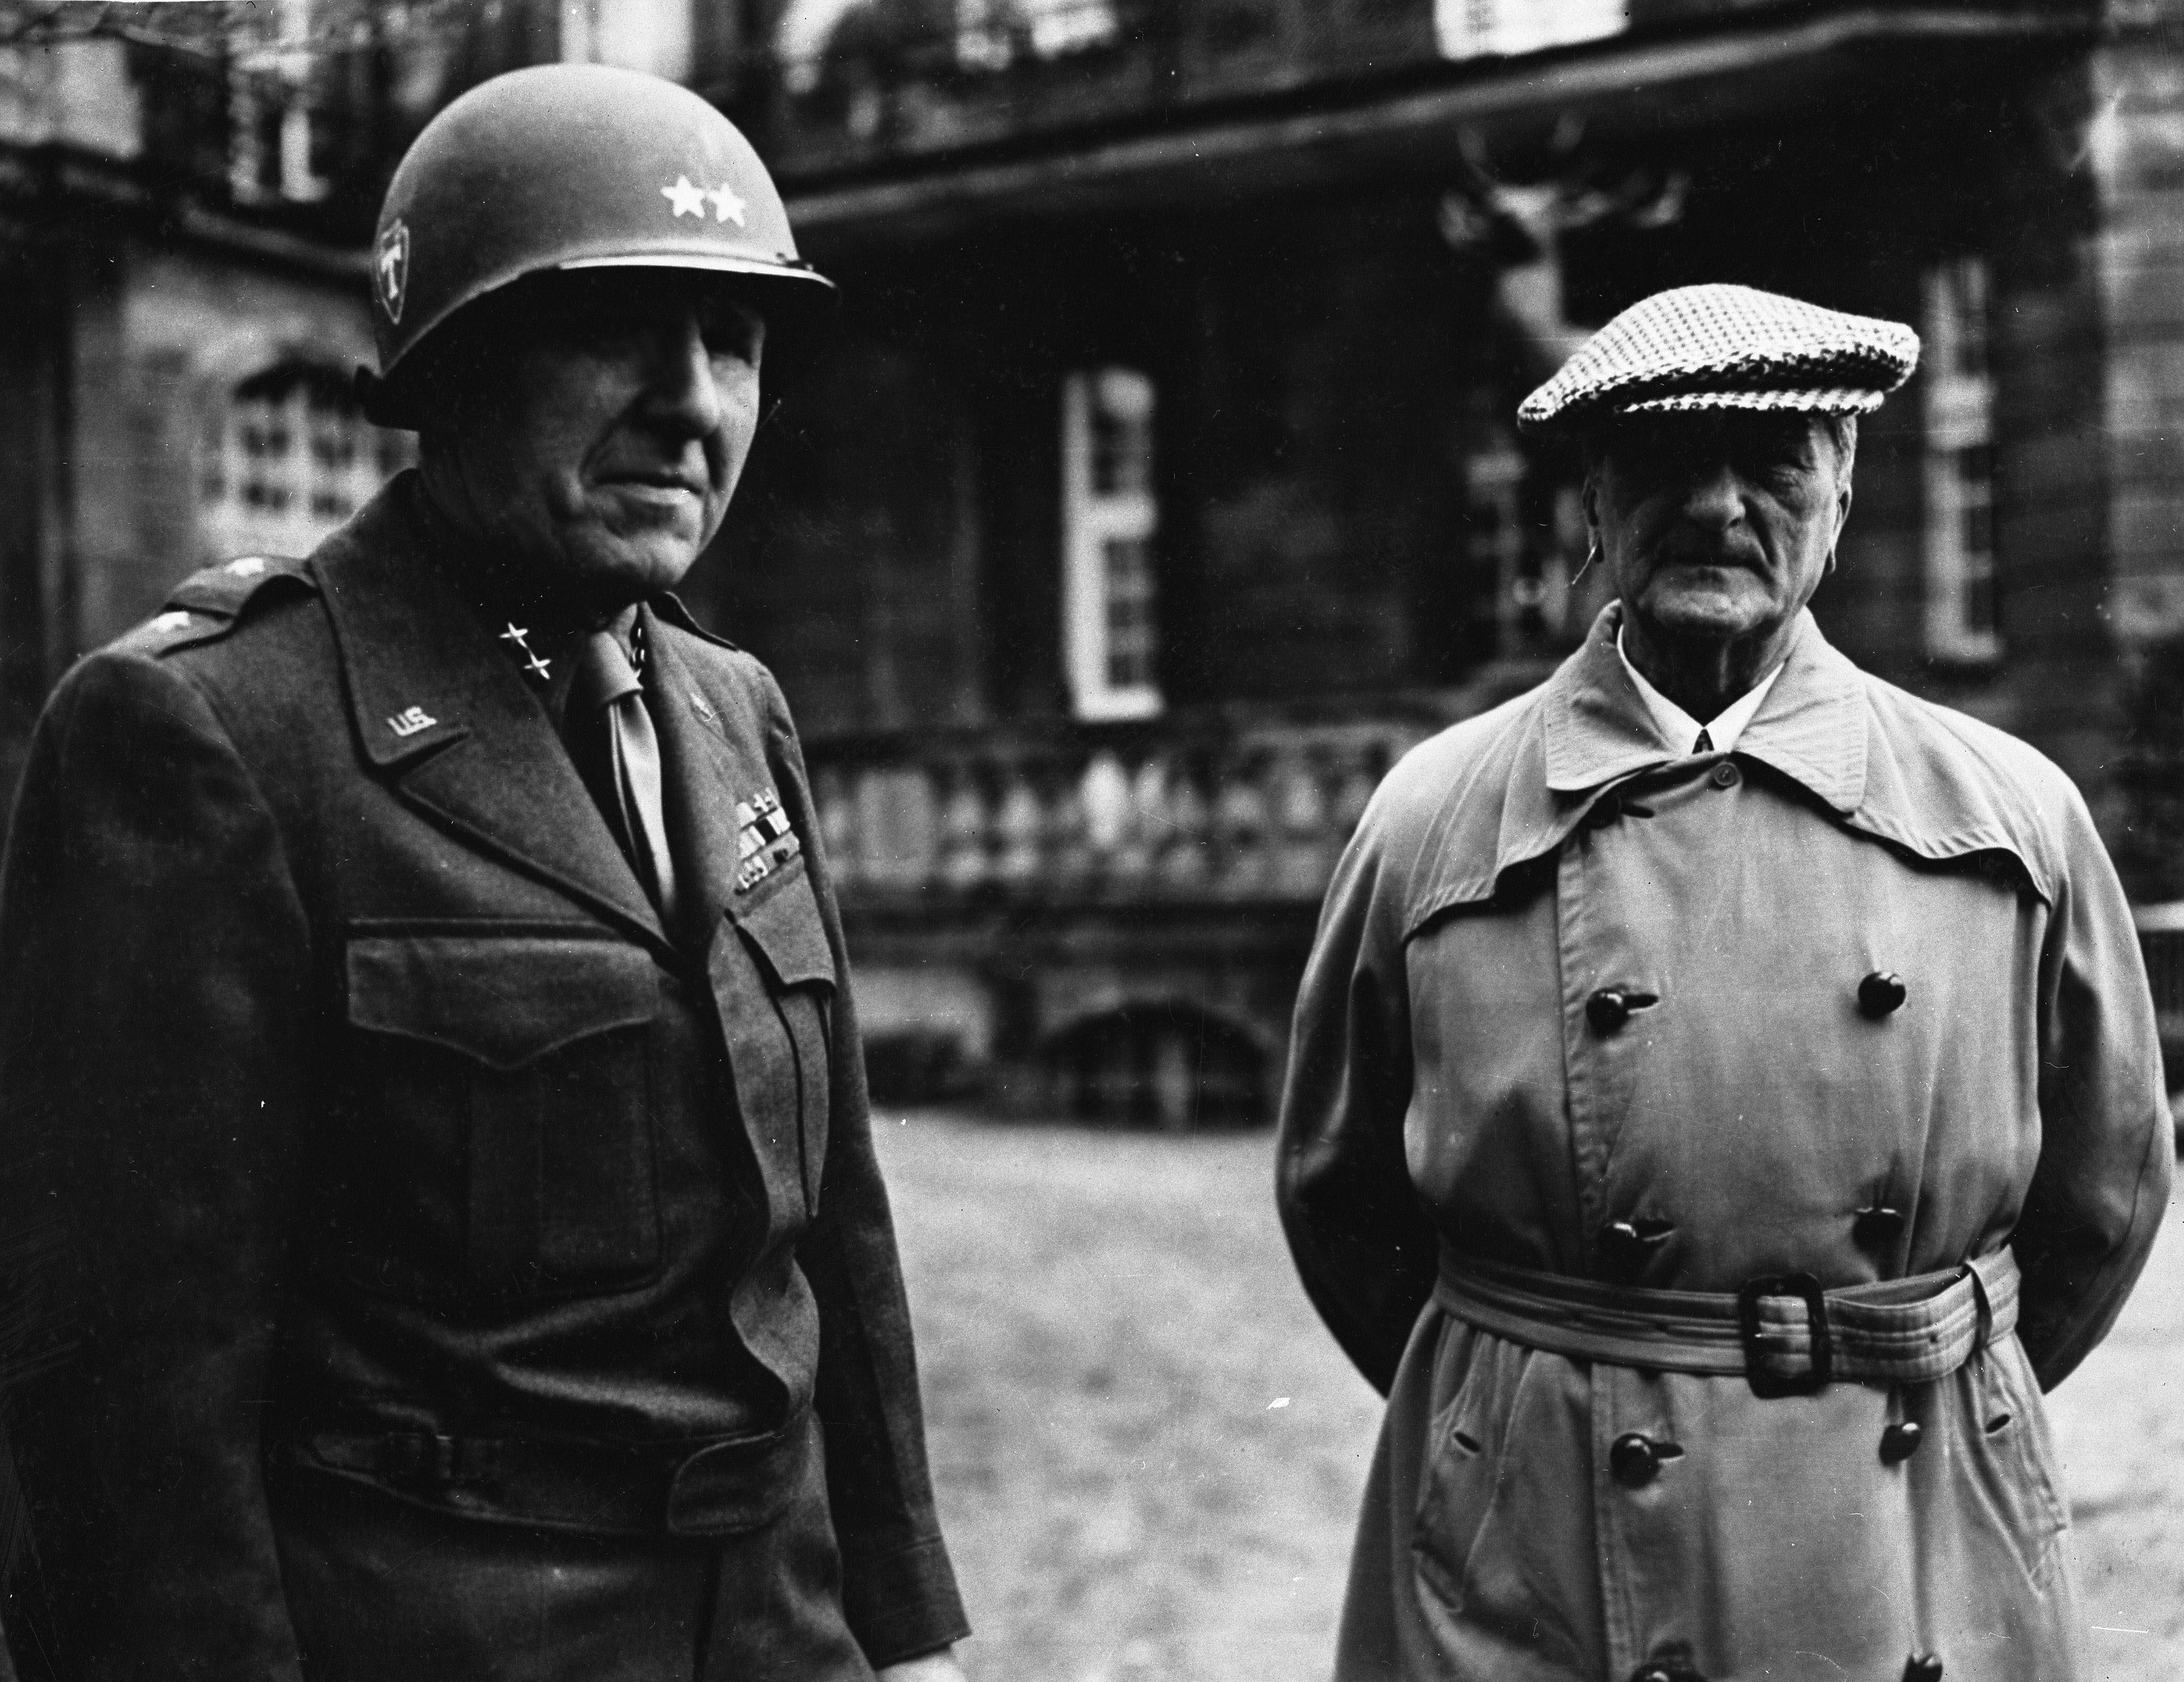 Horthy Miklósért miséznek a keresztény értelmiségiek Auschwitz felszabadulásának évfordulóján